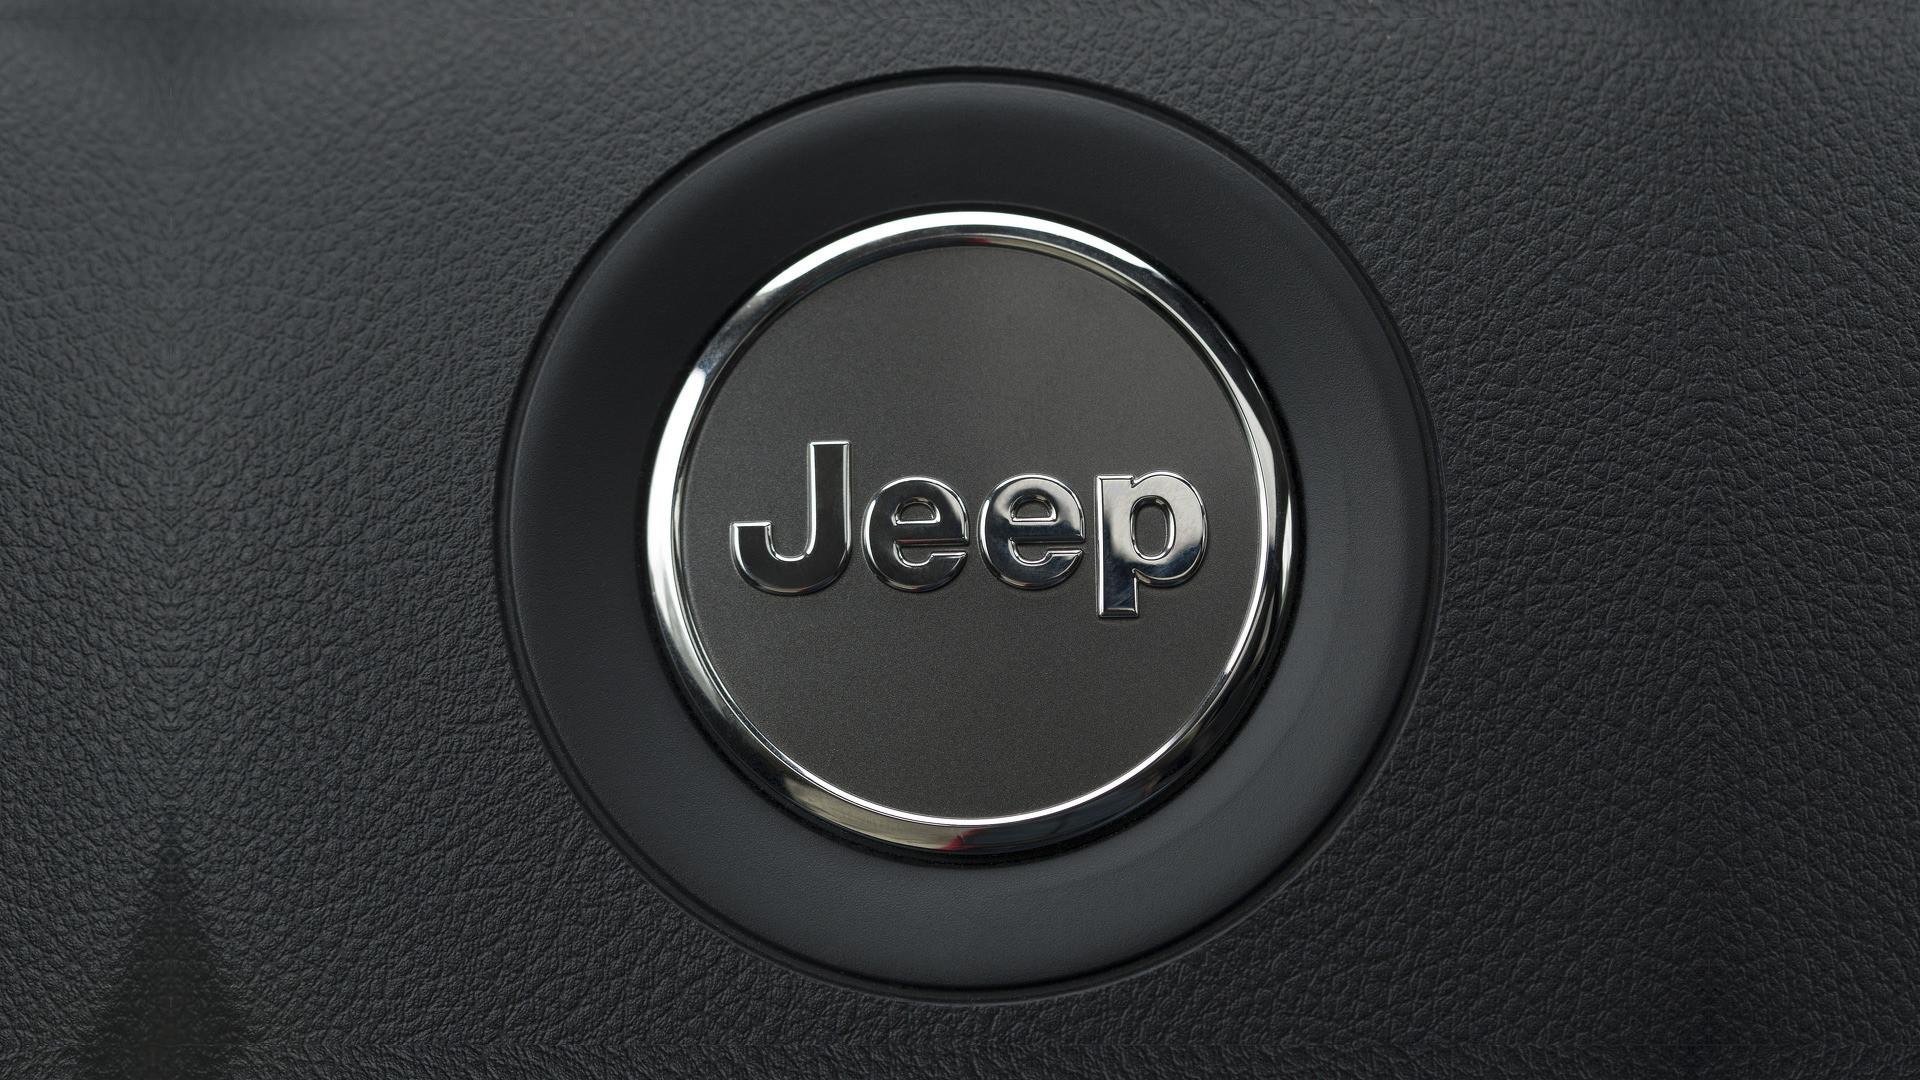 jeep steering wheel logo wallpaper 66856